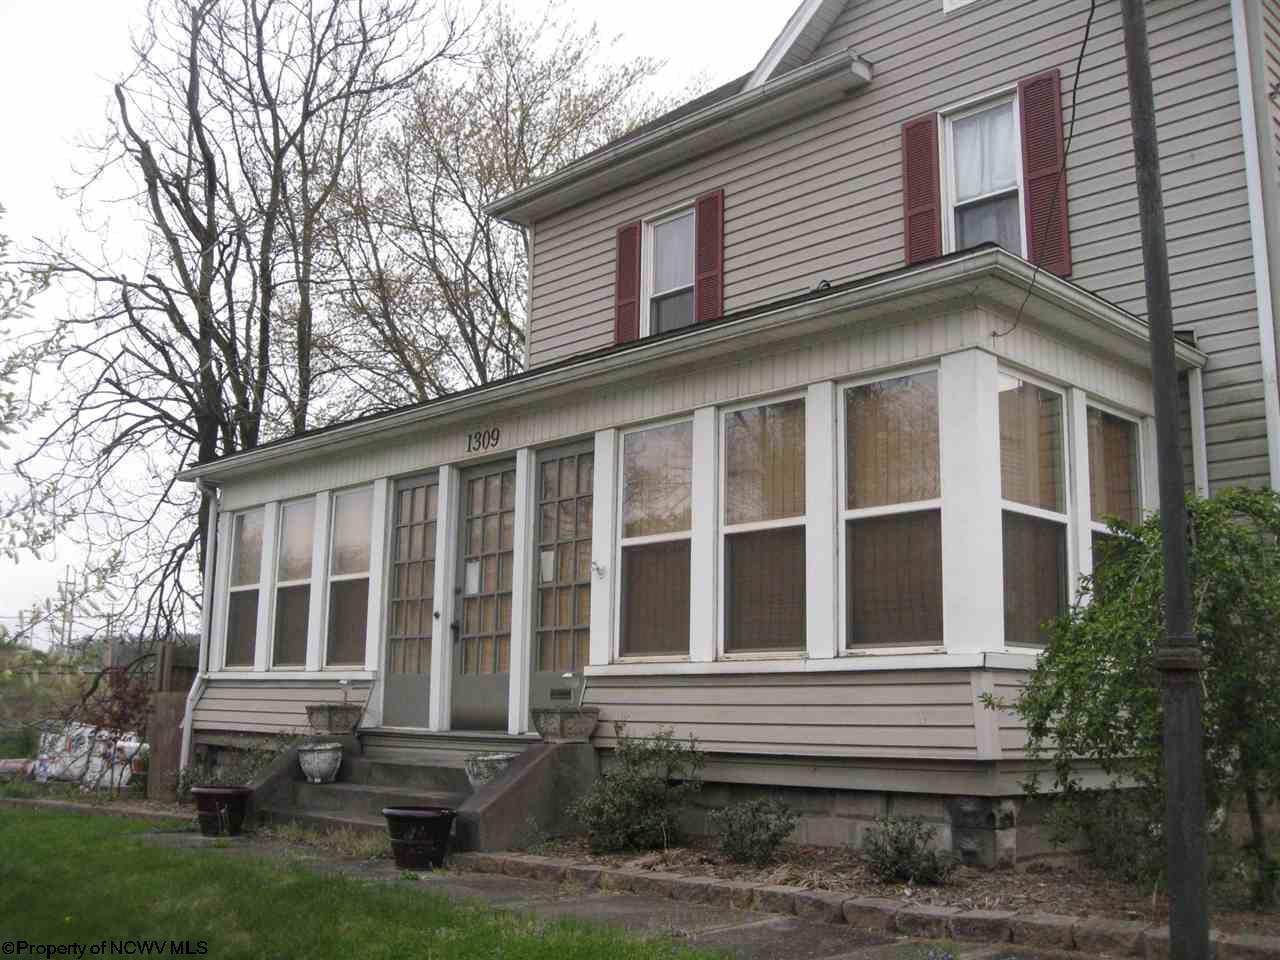 clarksburg homes 100 200k listing report mountain state real estate real estate homes